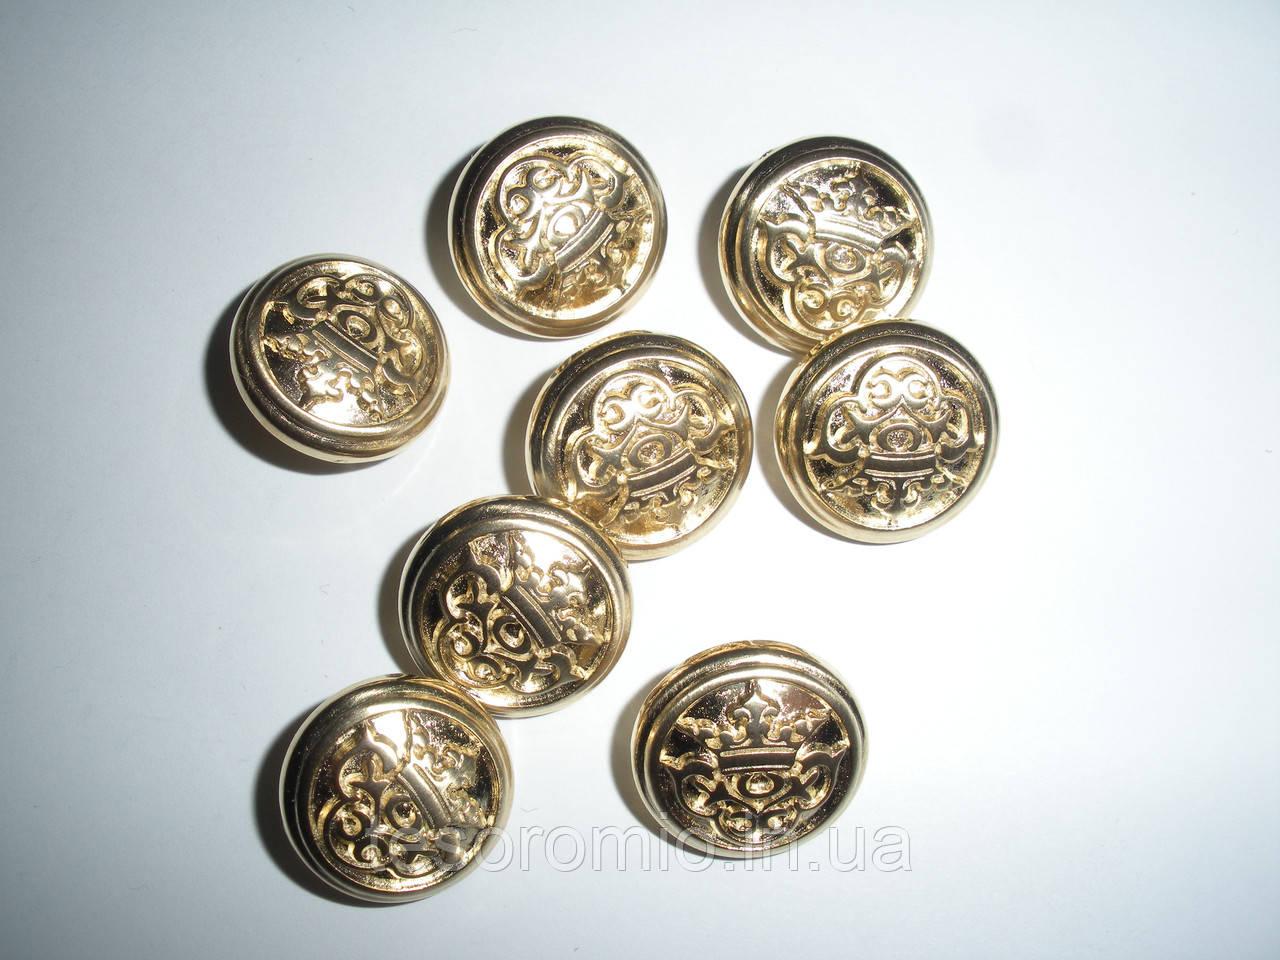 """Пуговица металлическая на ножке """"корона-вензель"""", золото, 18мм диаметр, L 28"""